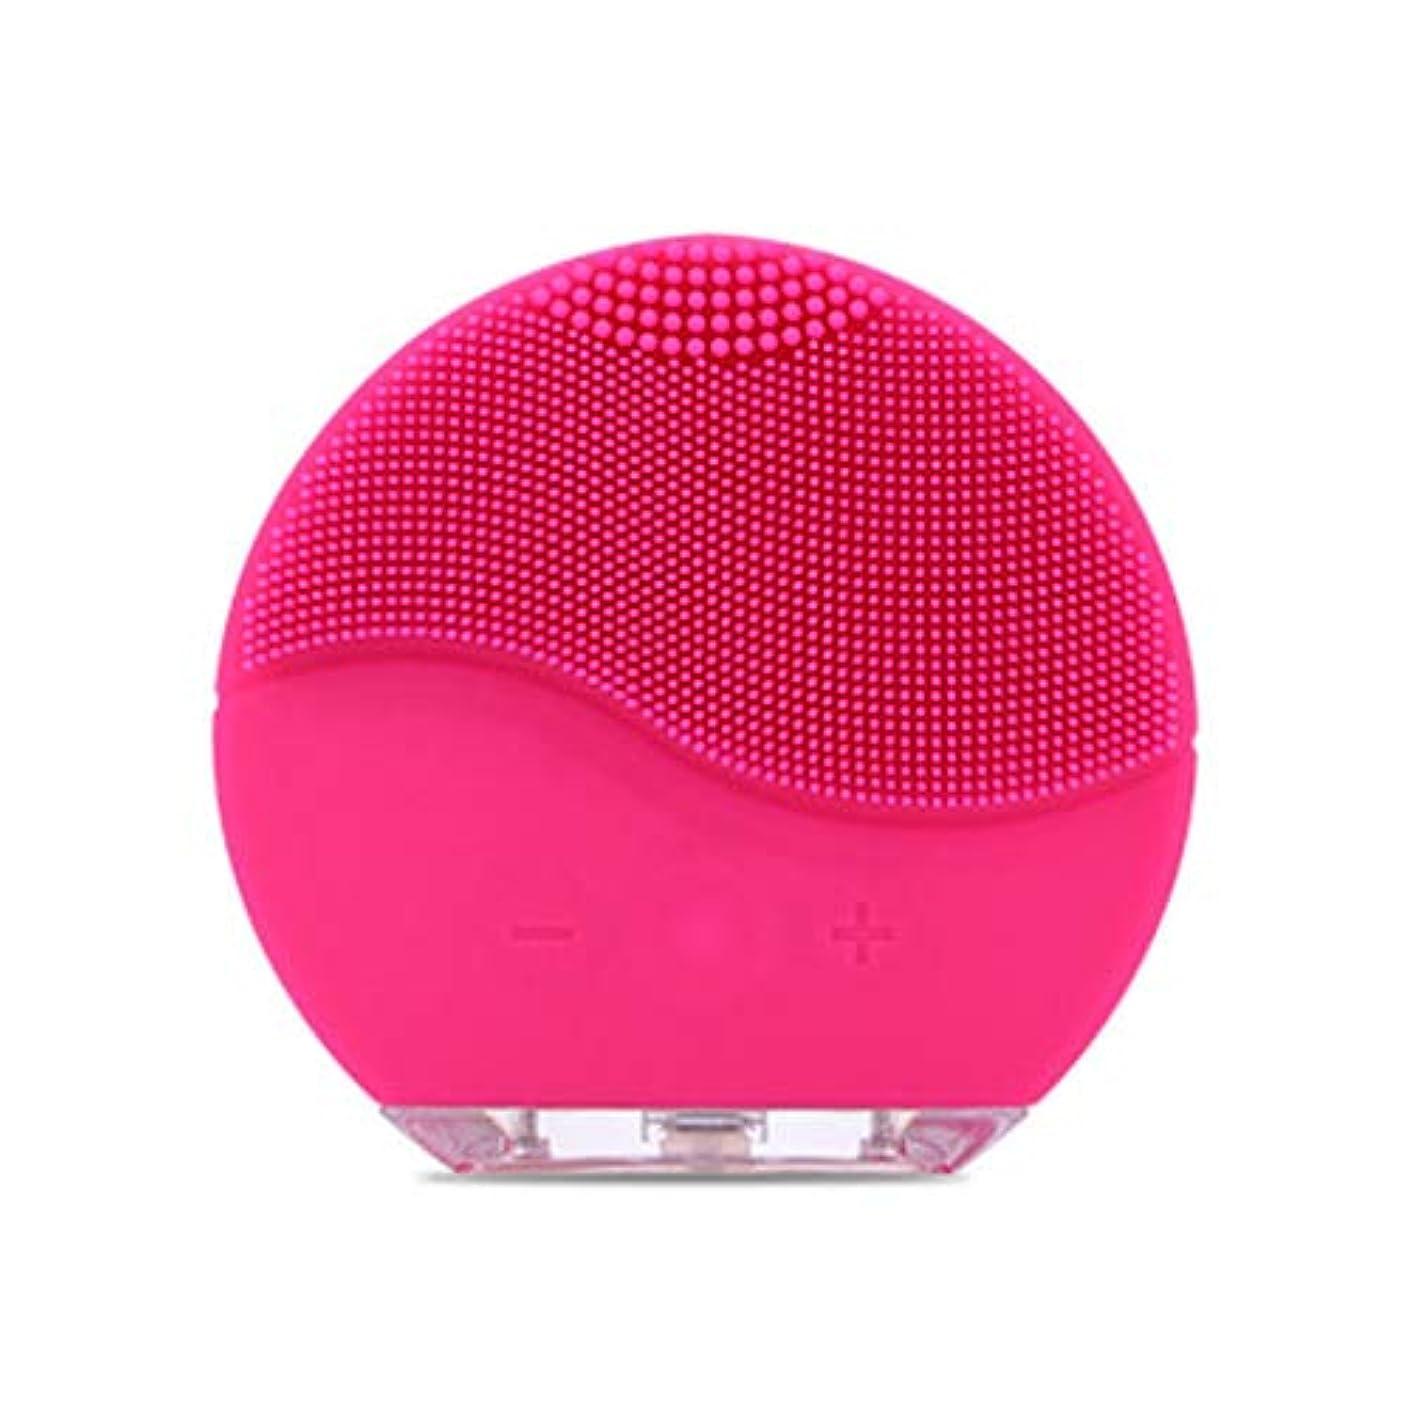 肝トンプレミアQi フェイシャルクレンザーブラシ、電気フェイシャルミニシリコン防水超音波ポアクリーンインストゥルメントフェイススキンケアスパマッサージャー GQ (色 : A)